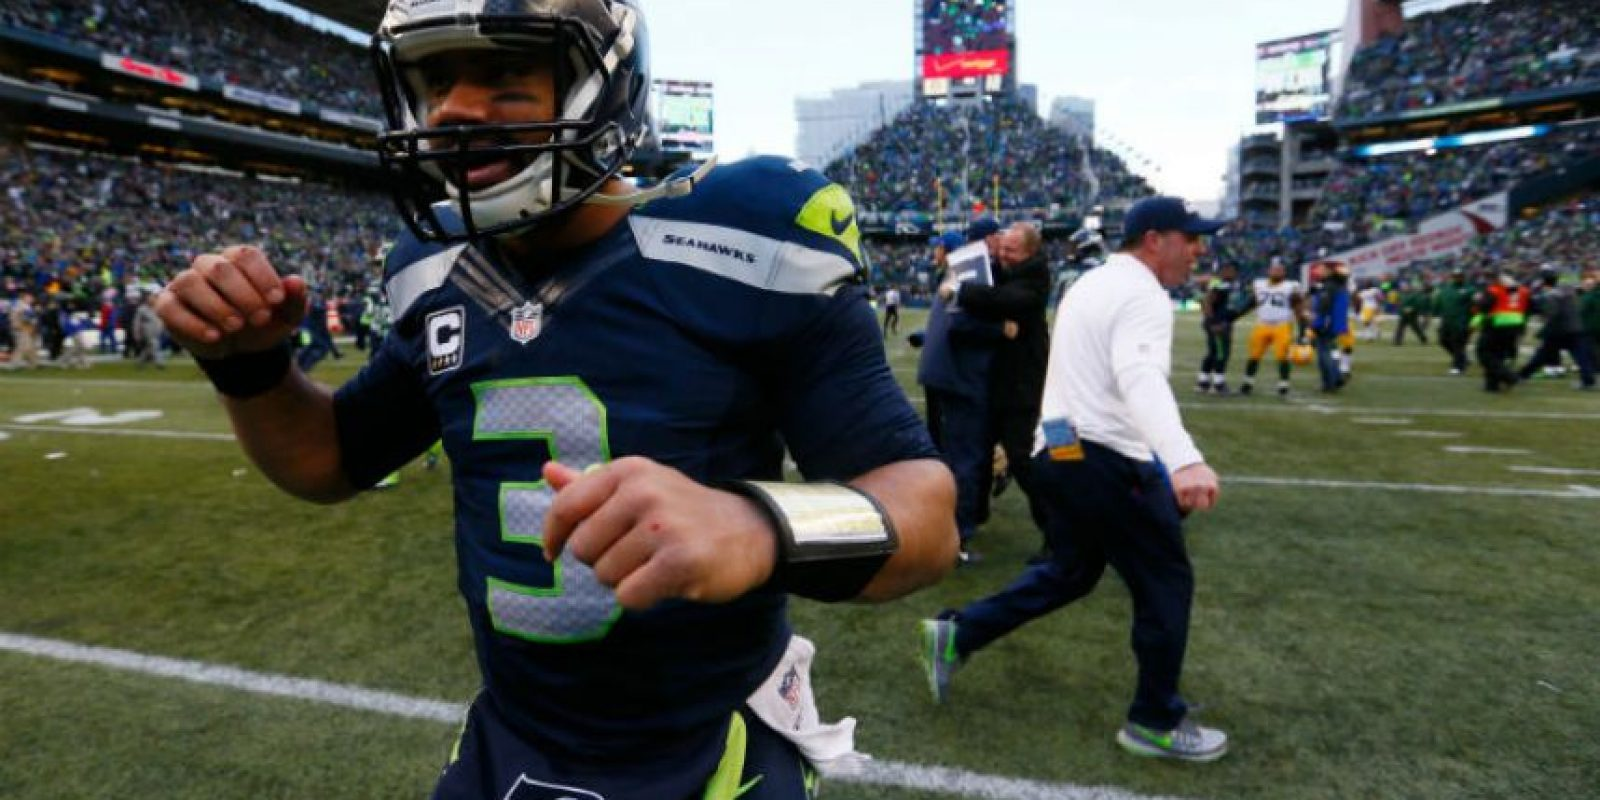 Wilson tiene tres años en la NFL Foto:Getty